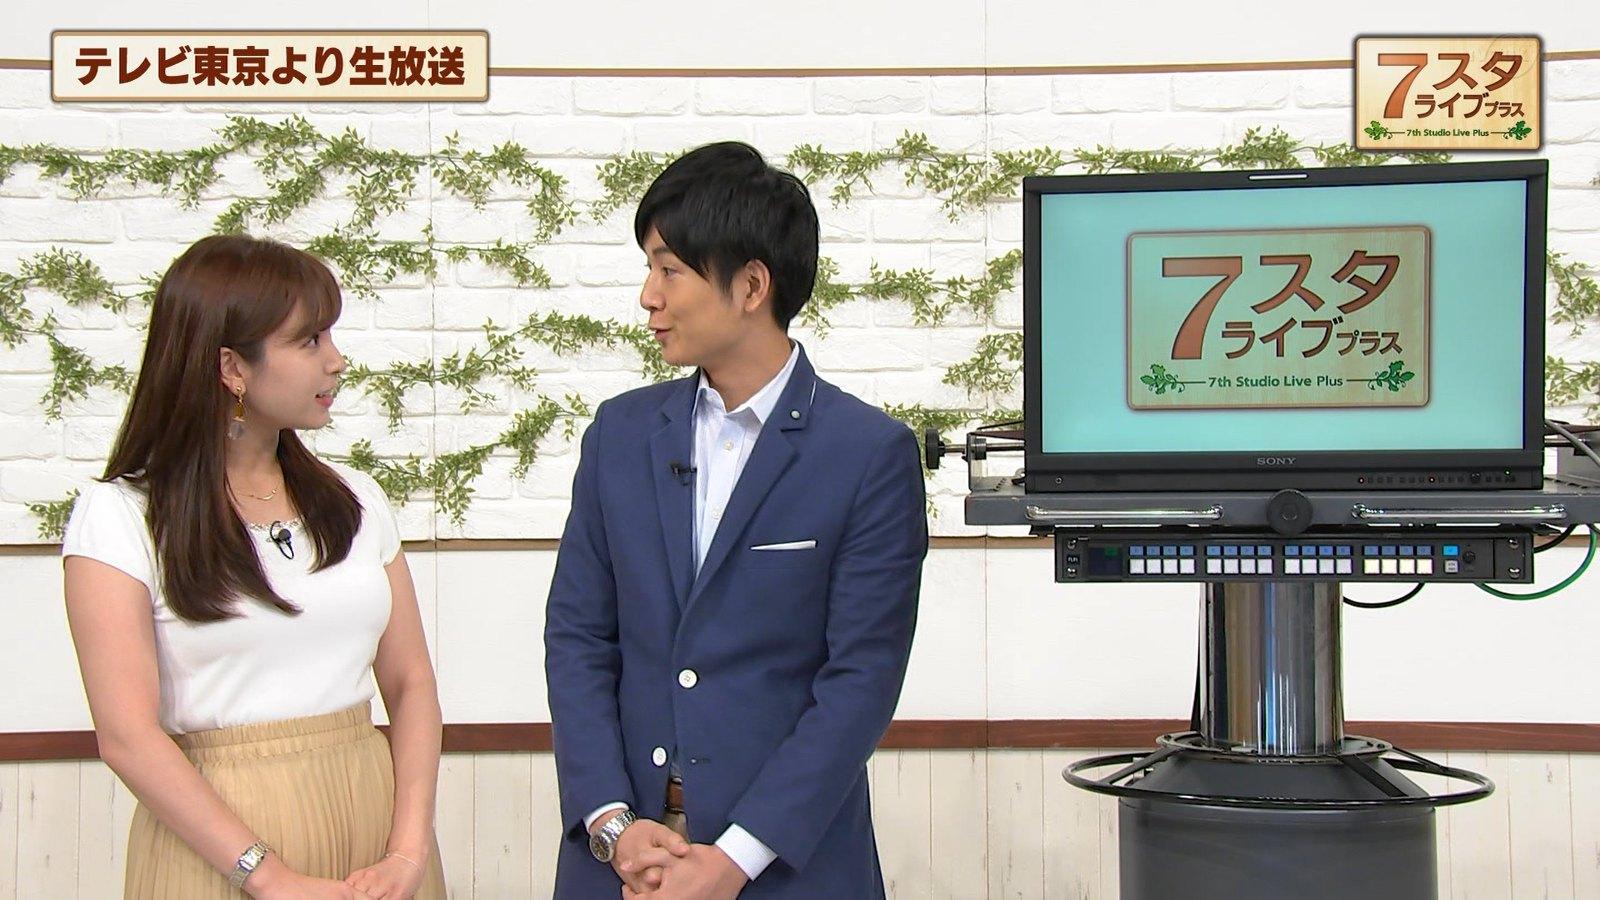 2019年8月16日に放送された「7スタライブ」に出演した角谷暁子さんの画像-018